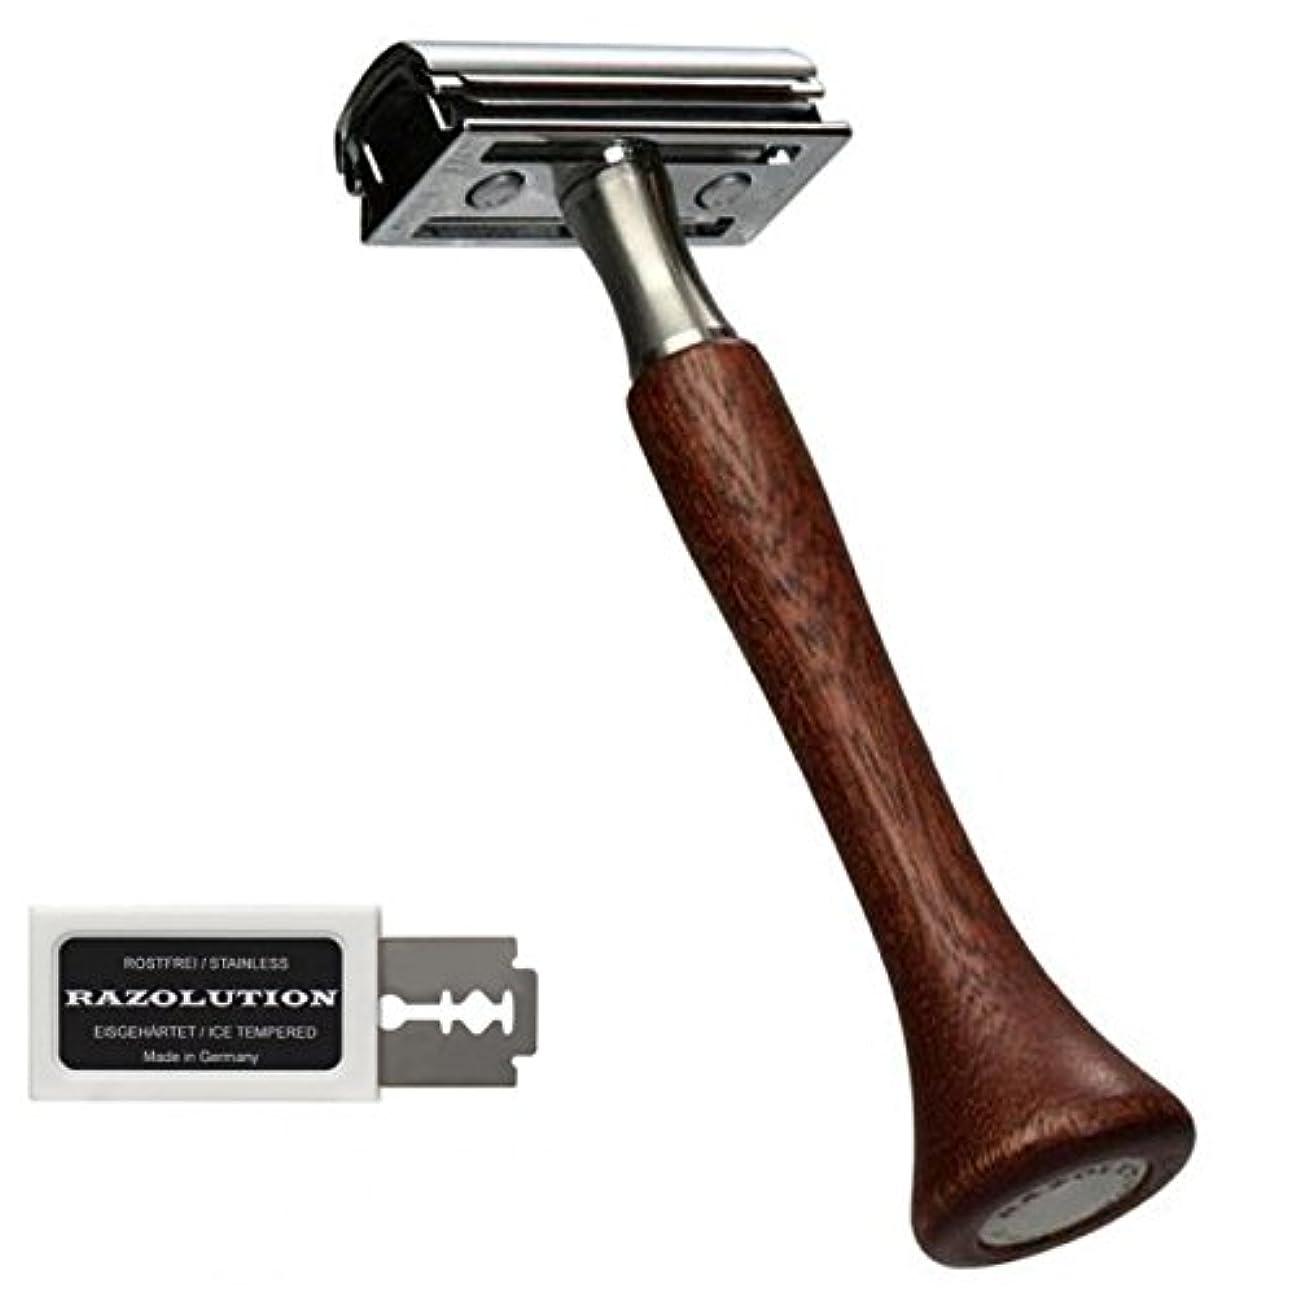 苦しみのれん選択RAZOLUTION 4Edge Safety razor, Mahogany handle